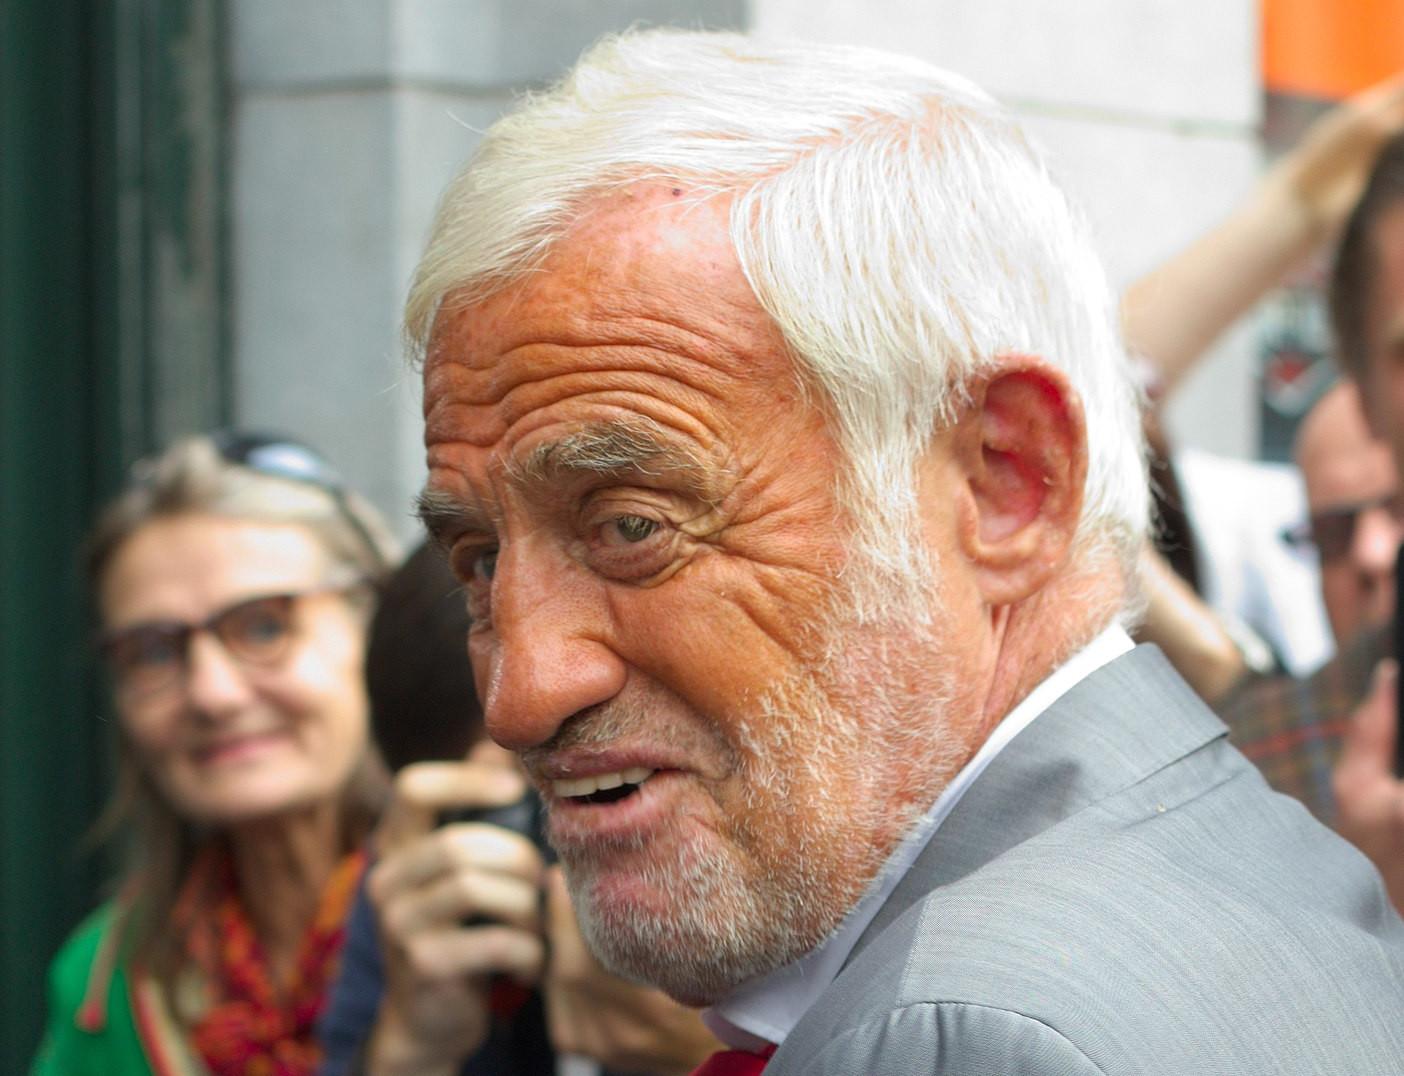 Déclin du cinéma français : Belmondo aurait décidé de mourir après avoir vu OSS 117